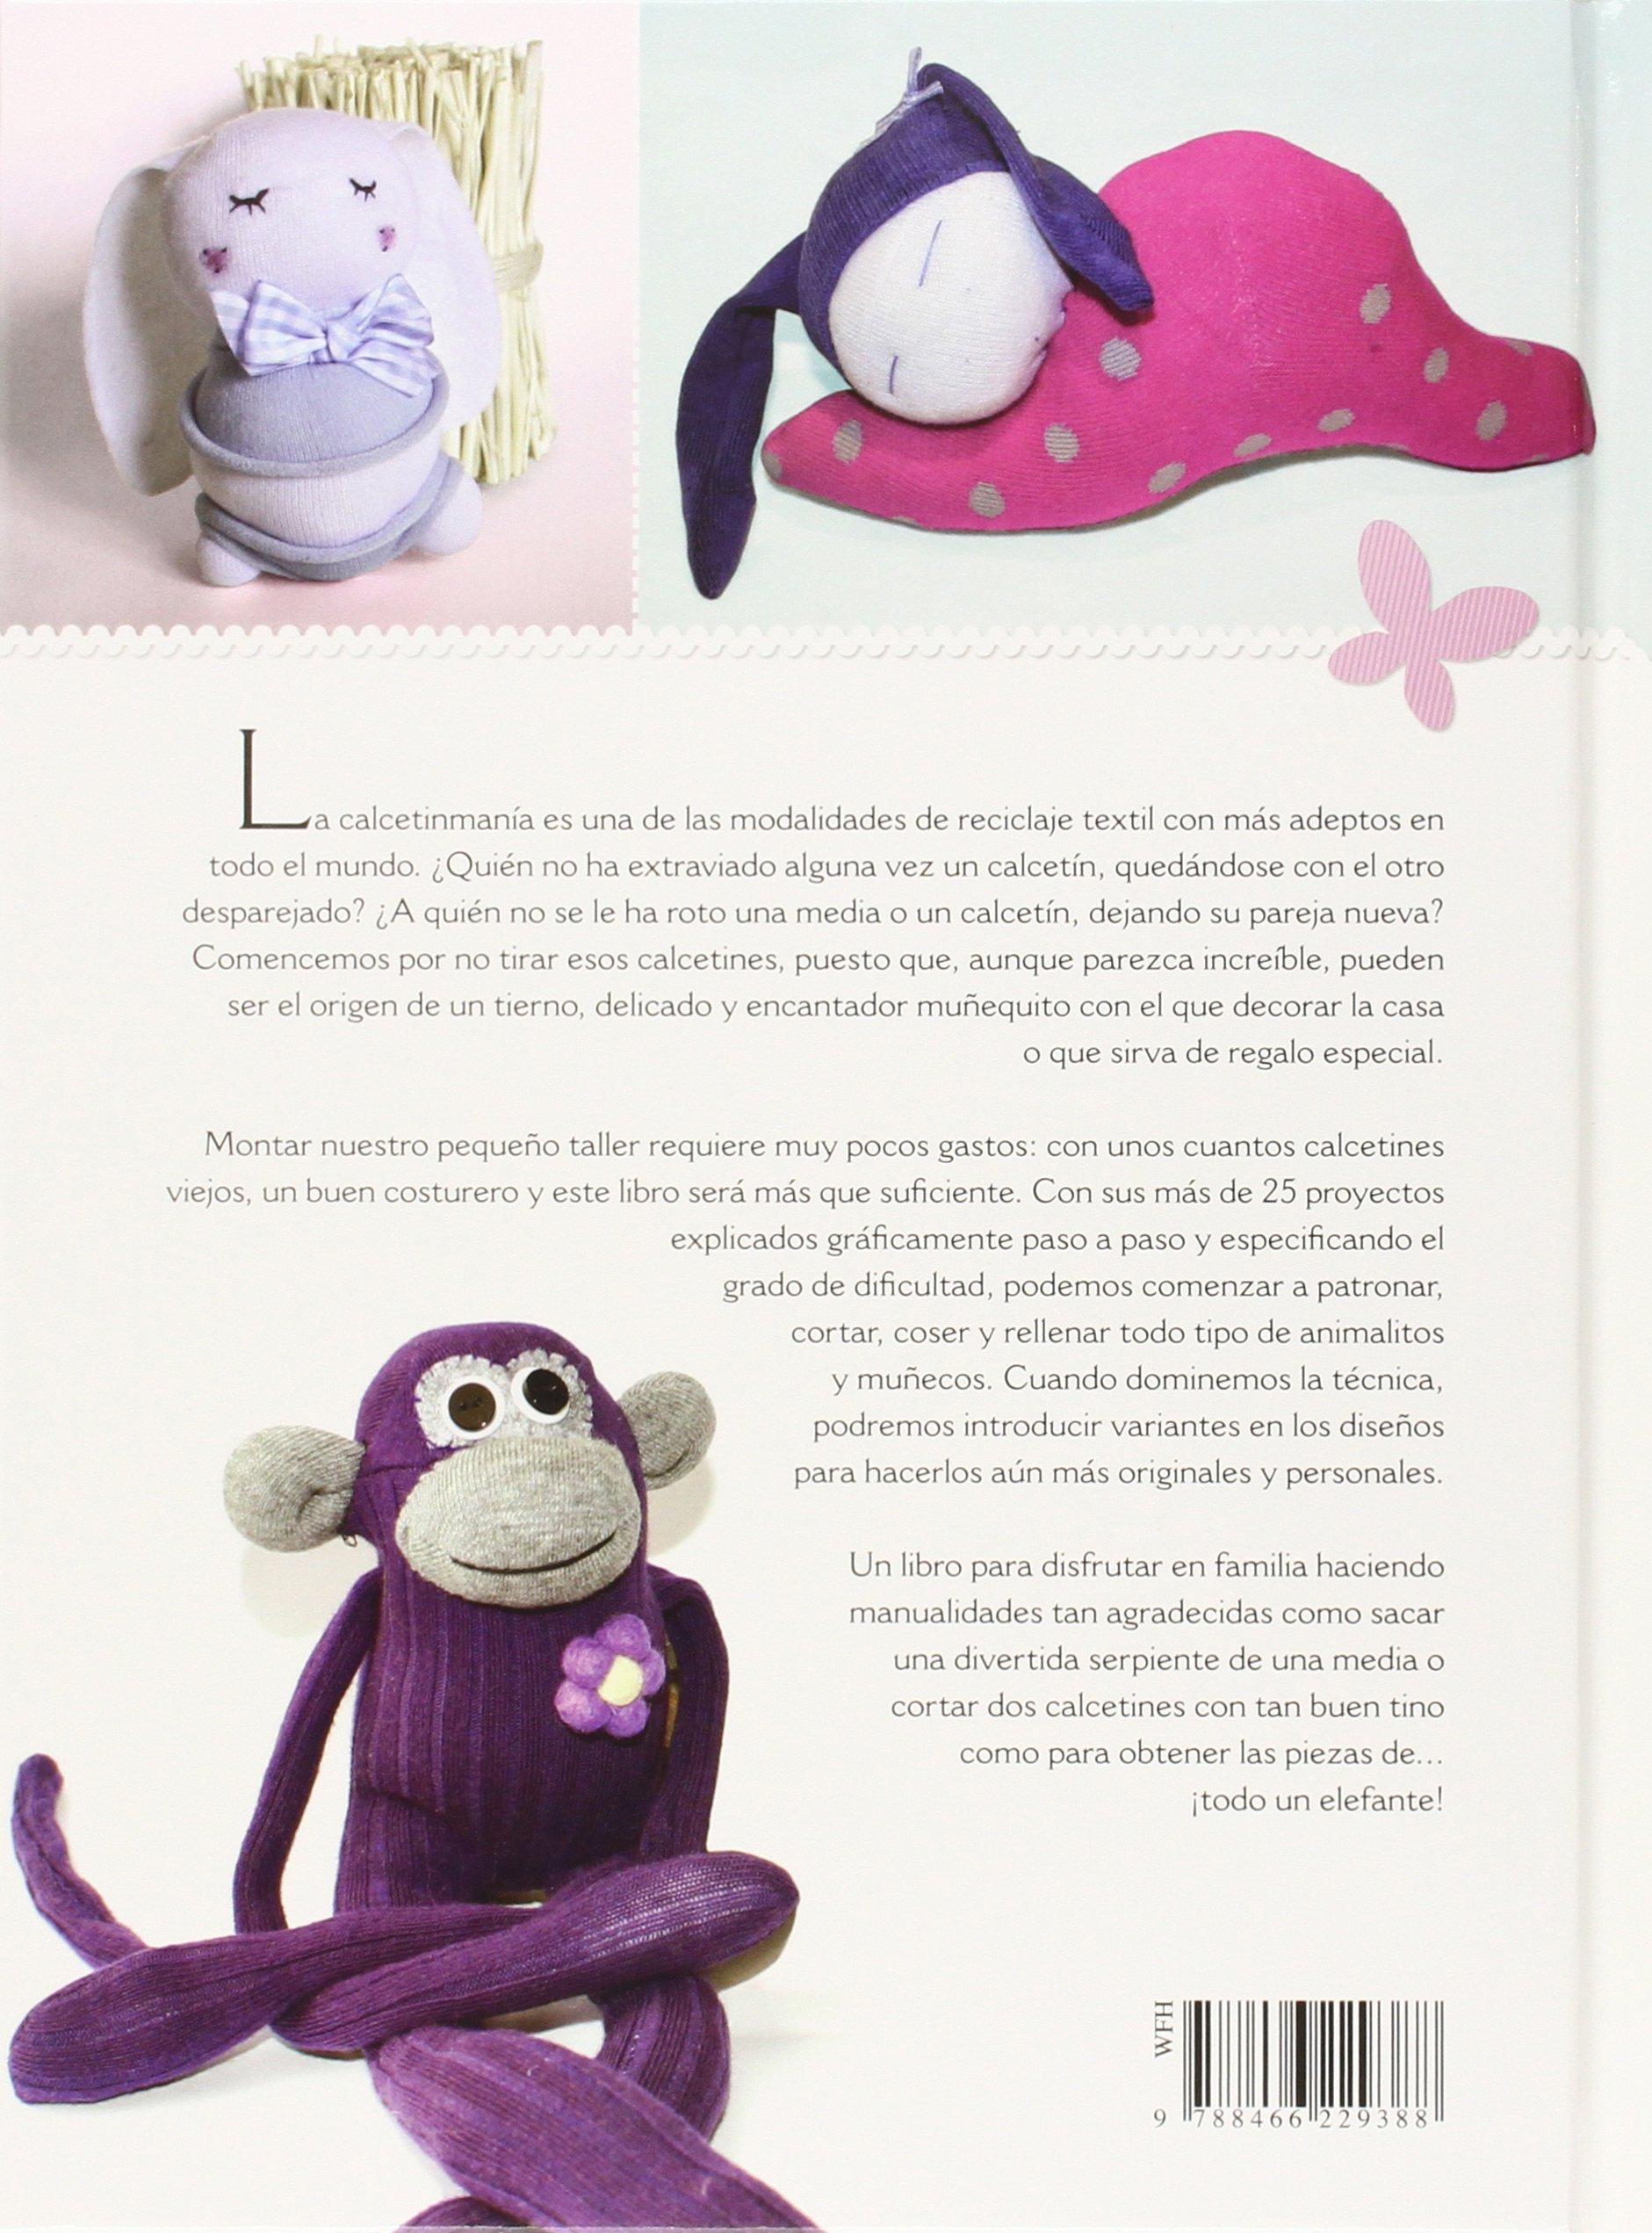 Muñecos con Calcetines: María Jesús;Equipo editorial Saiz Iglesias: 9788466229388: Amazon.com: Books